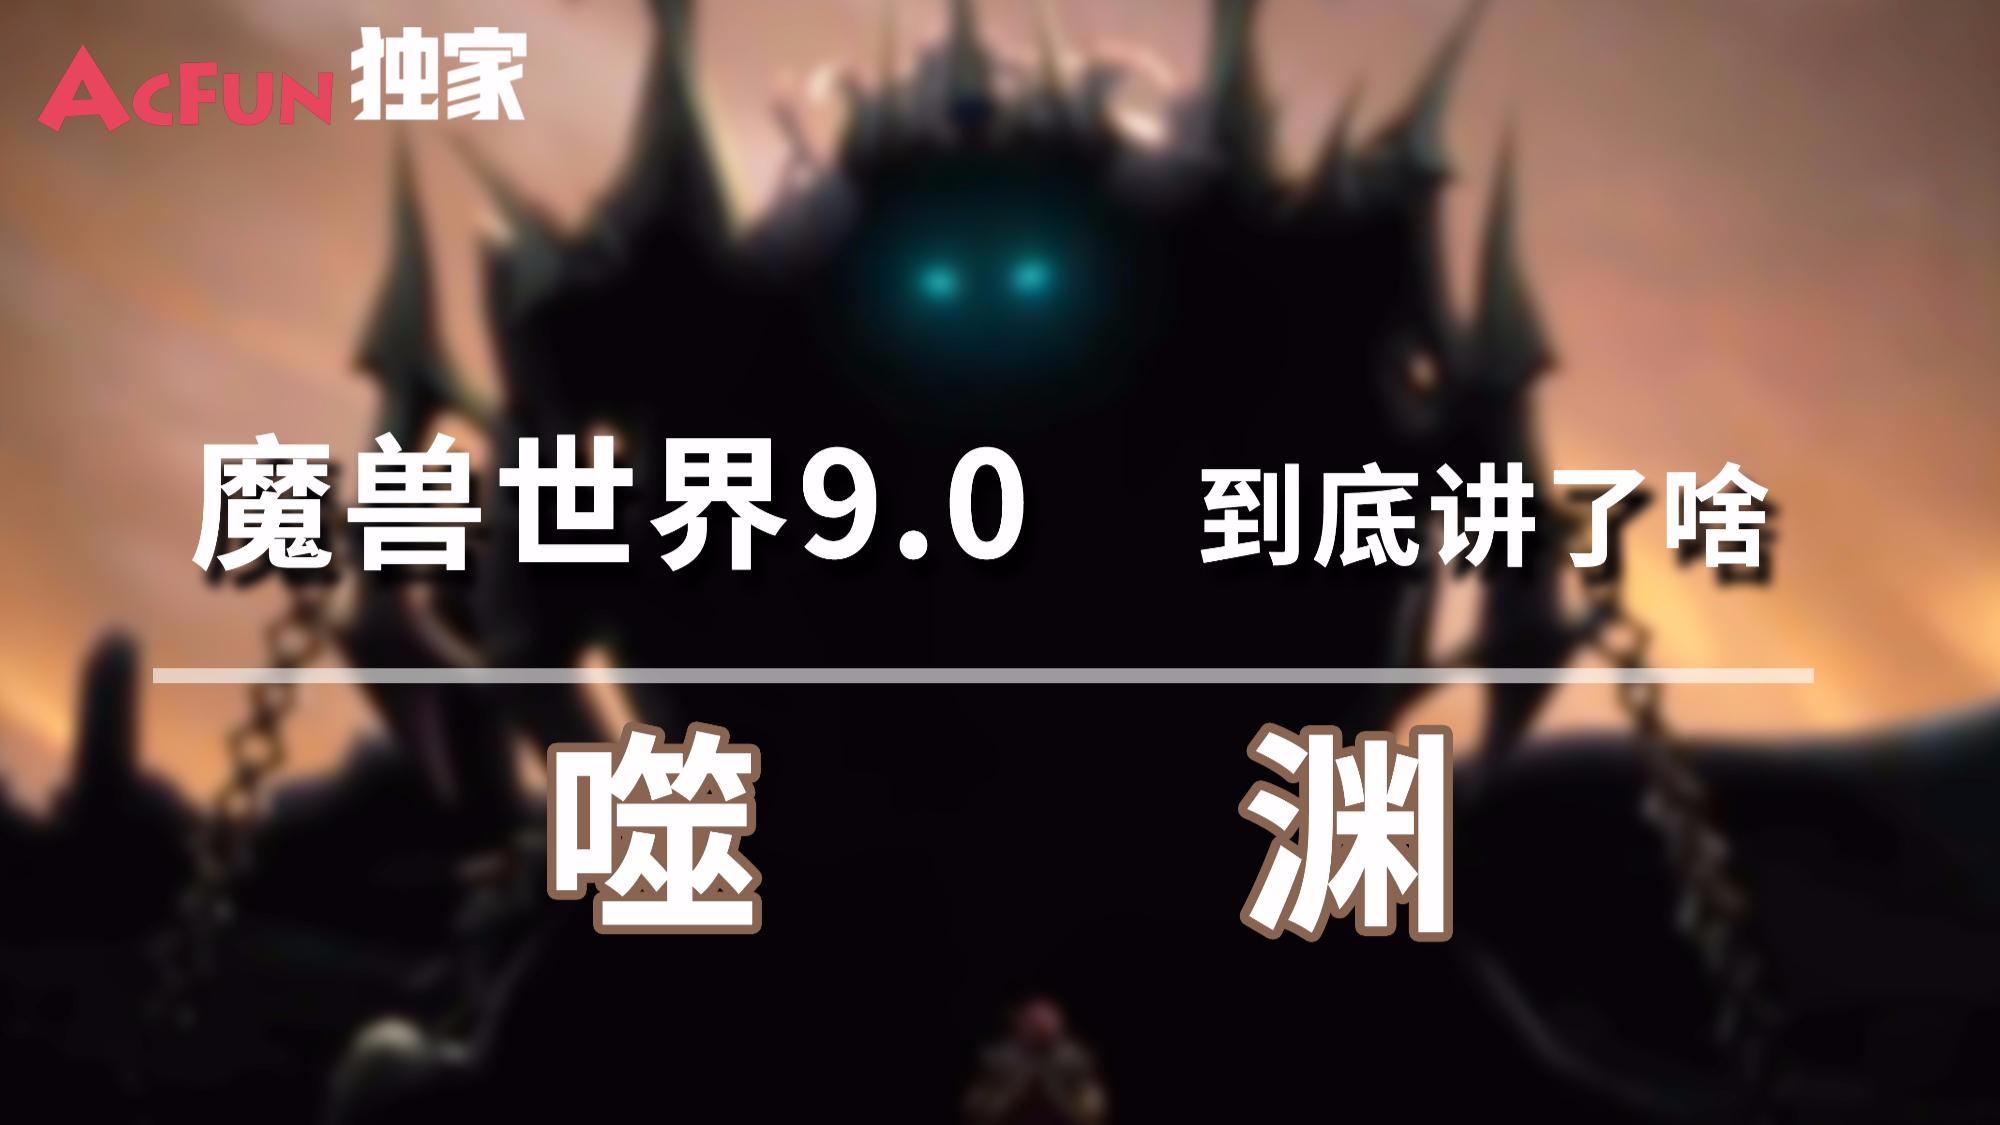 【猴山独家】魔兽世界9.0到底讲了啥之初入噬渊